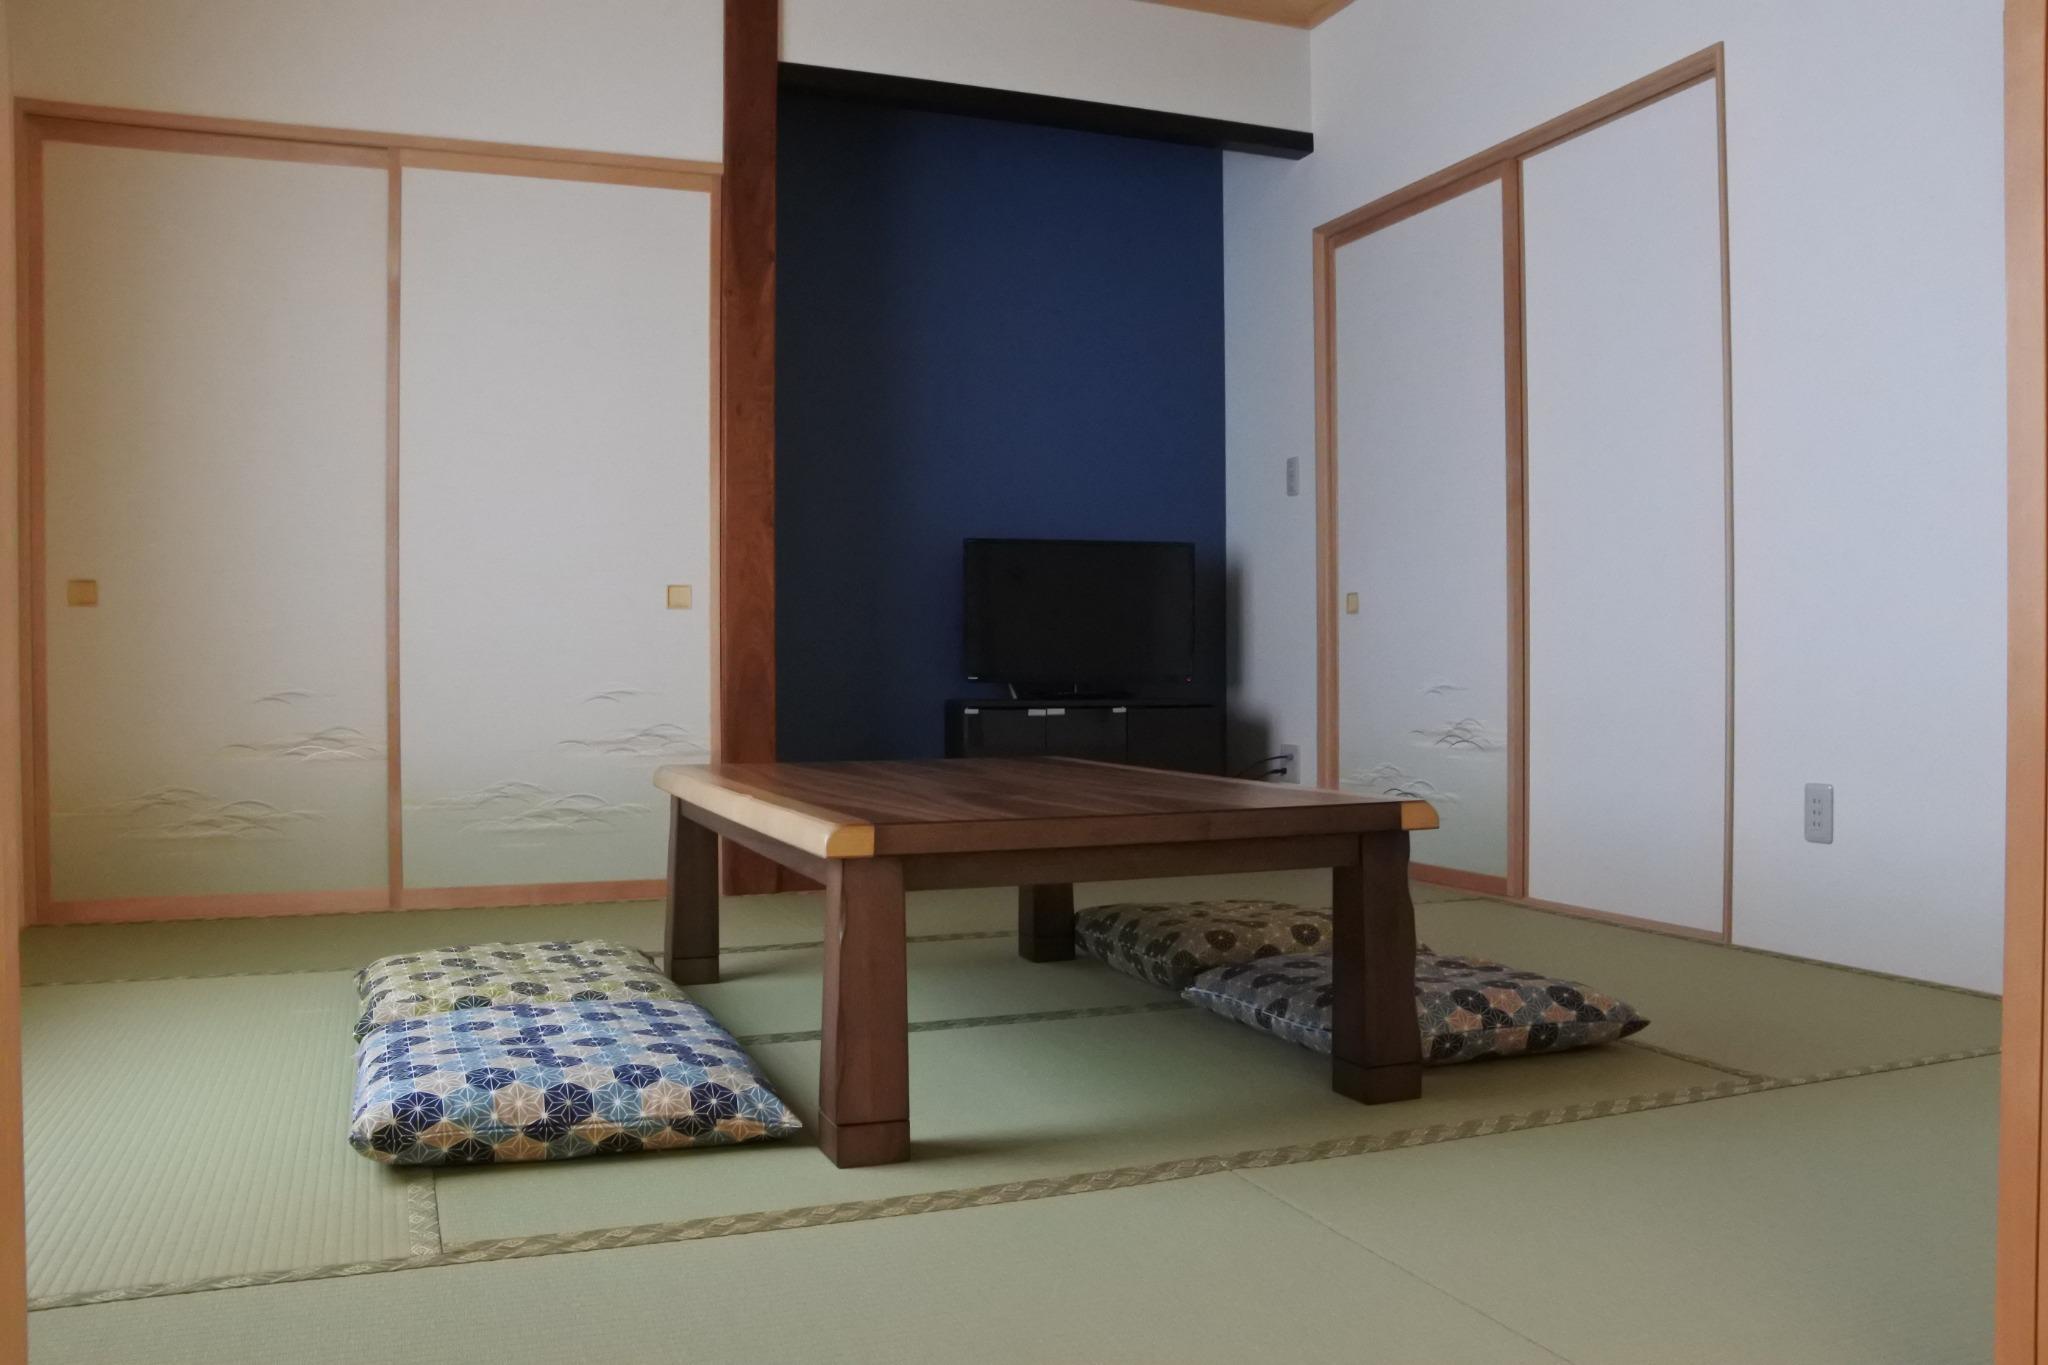 和室3組の布団が用意されており3人の宿泊ができます。